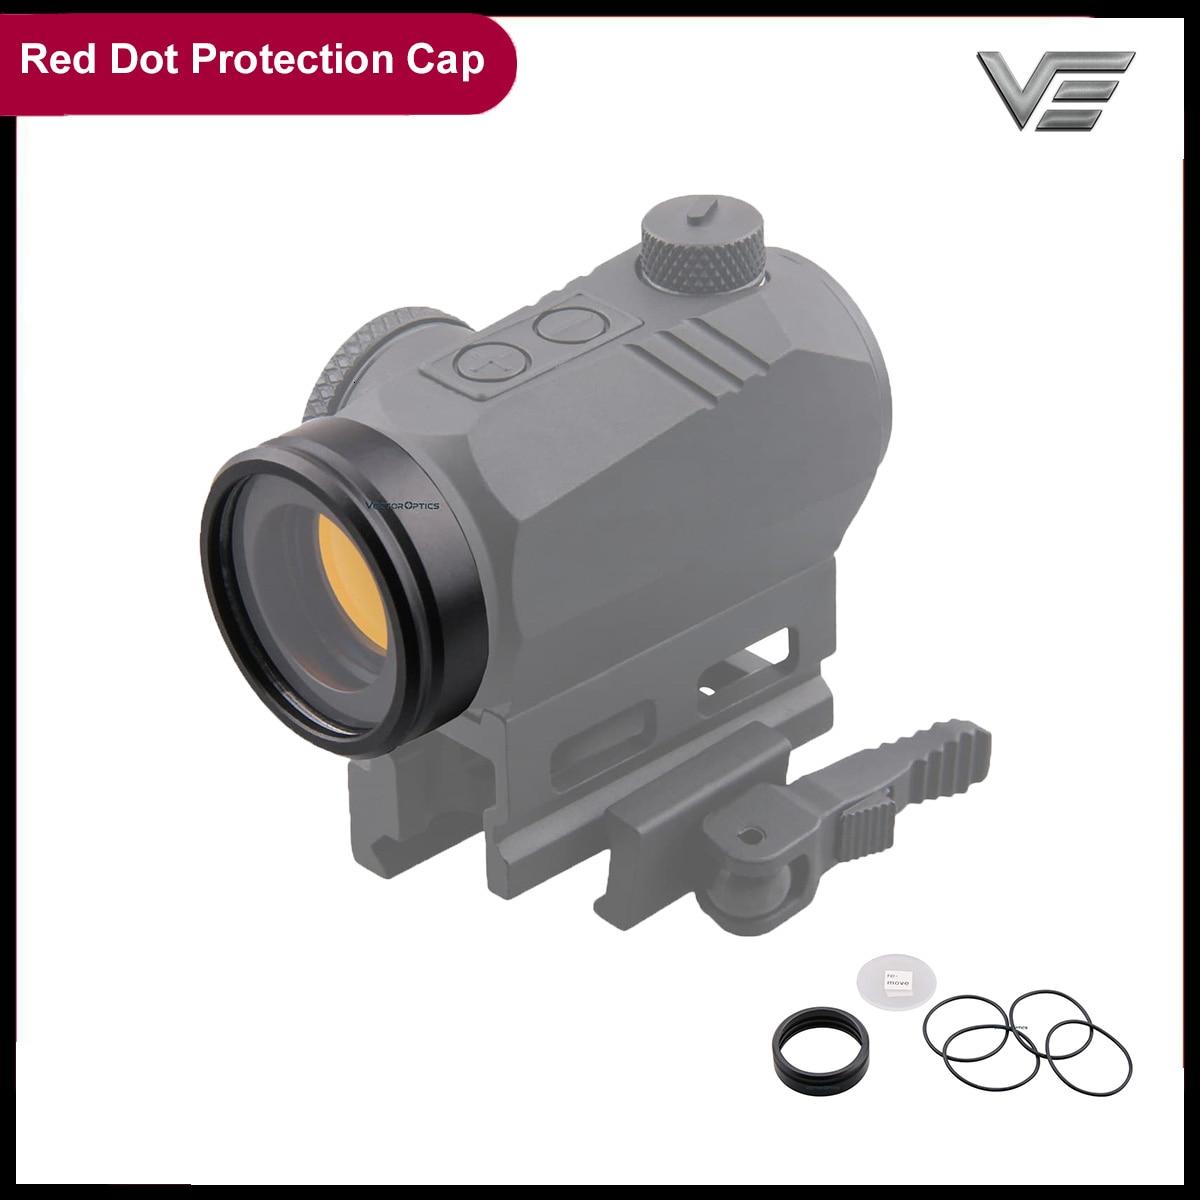 Векторная оптика полная металлическая пуленепробиваемая Охота страйкбол красная точка прицел объектив Защита с крышкой